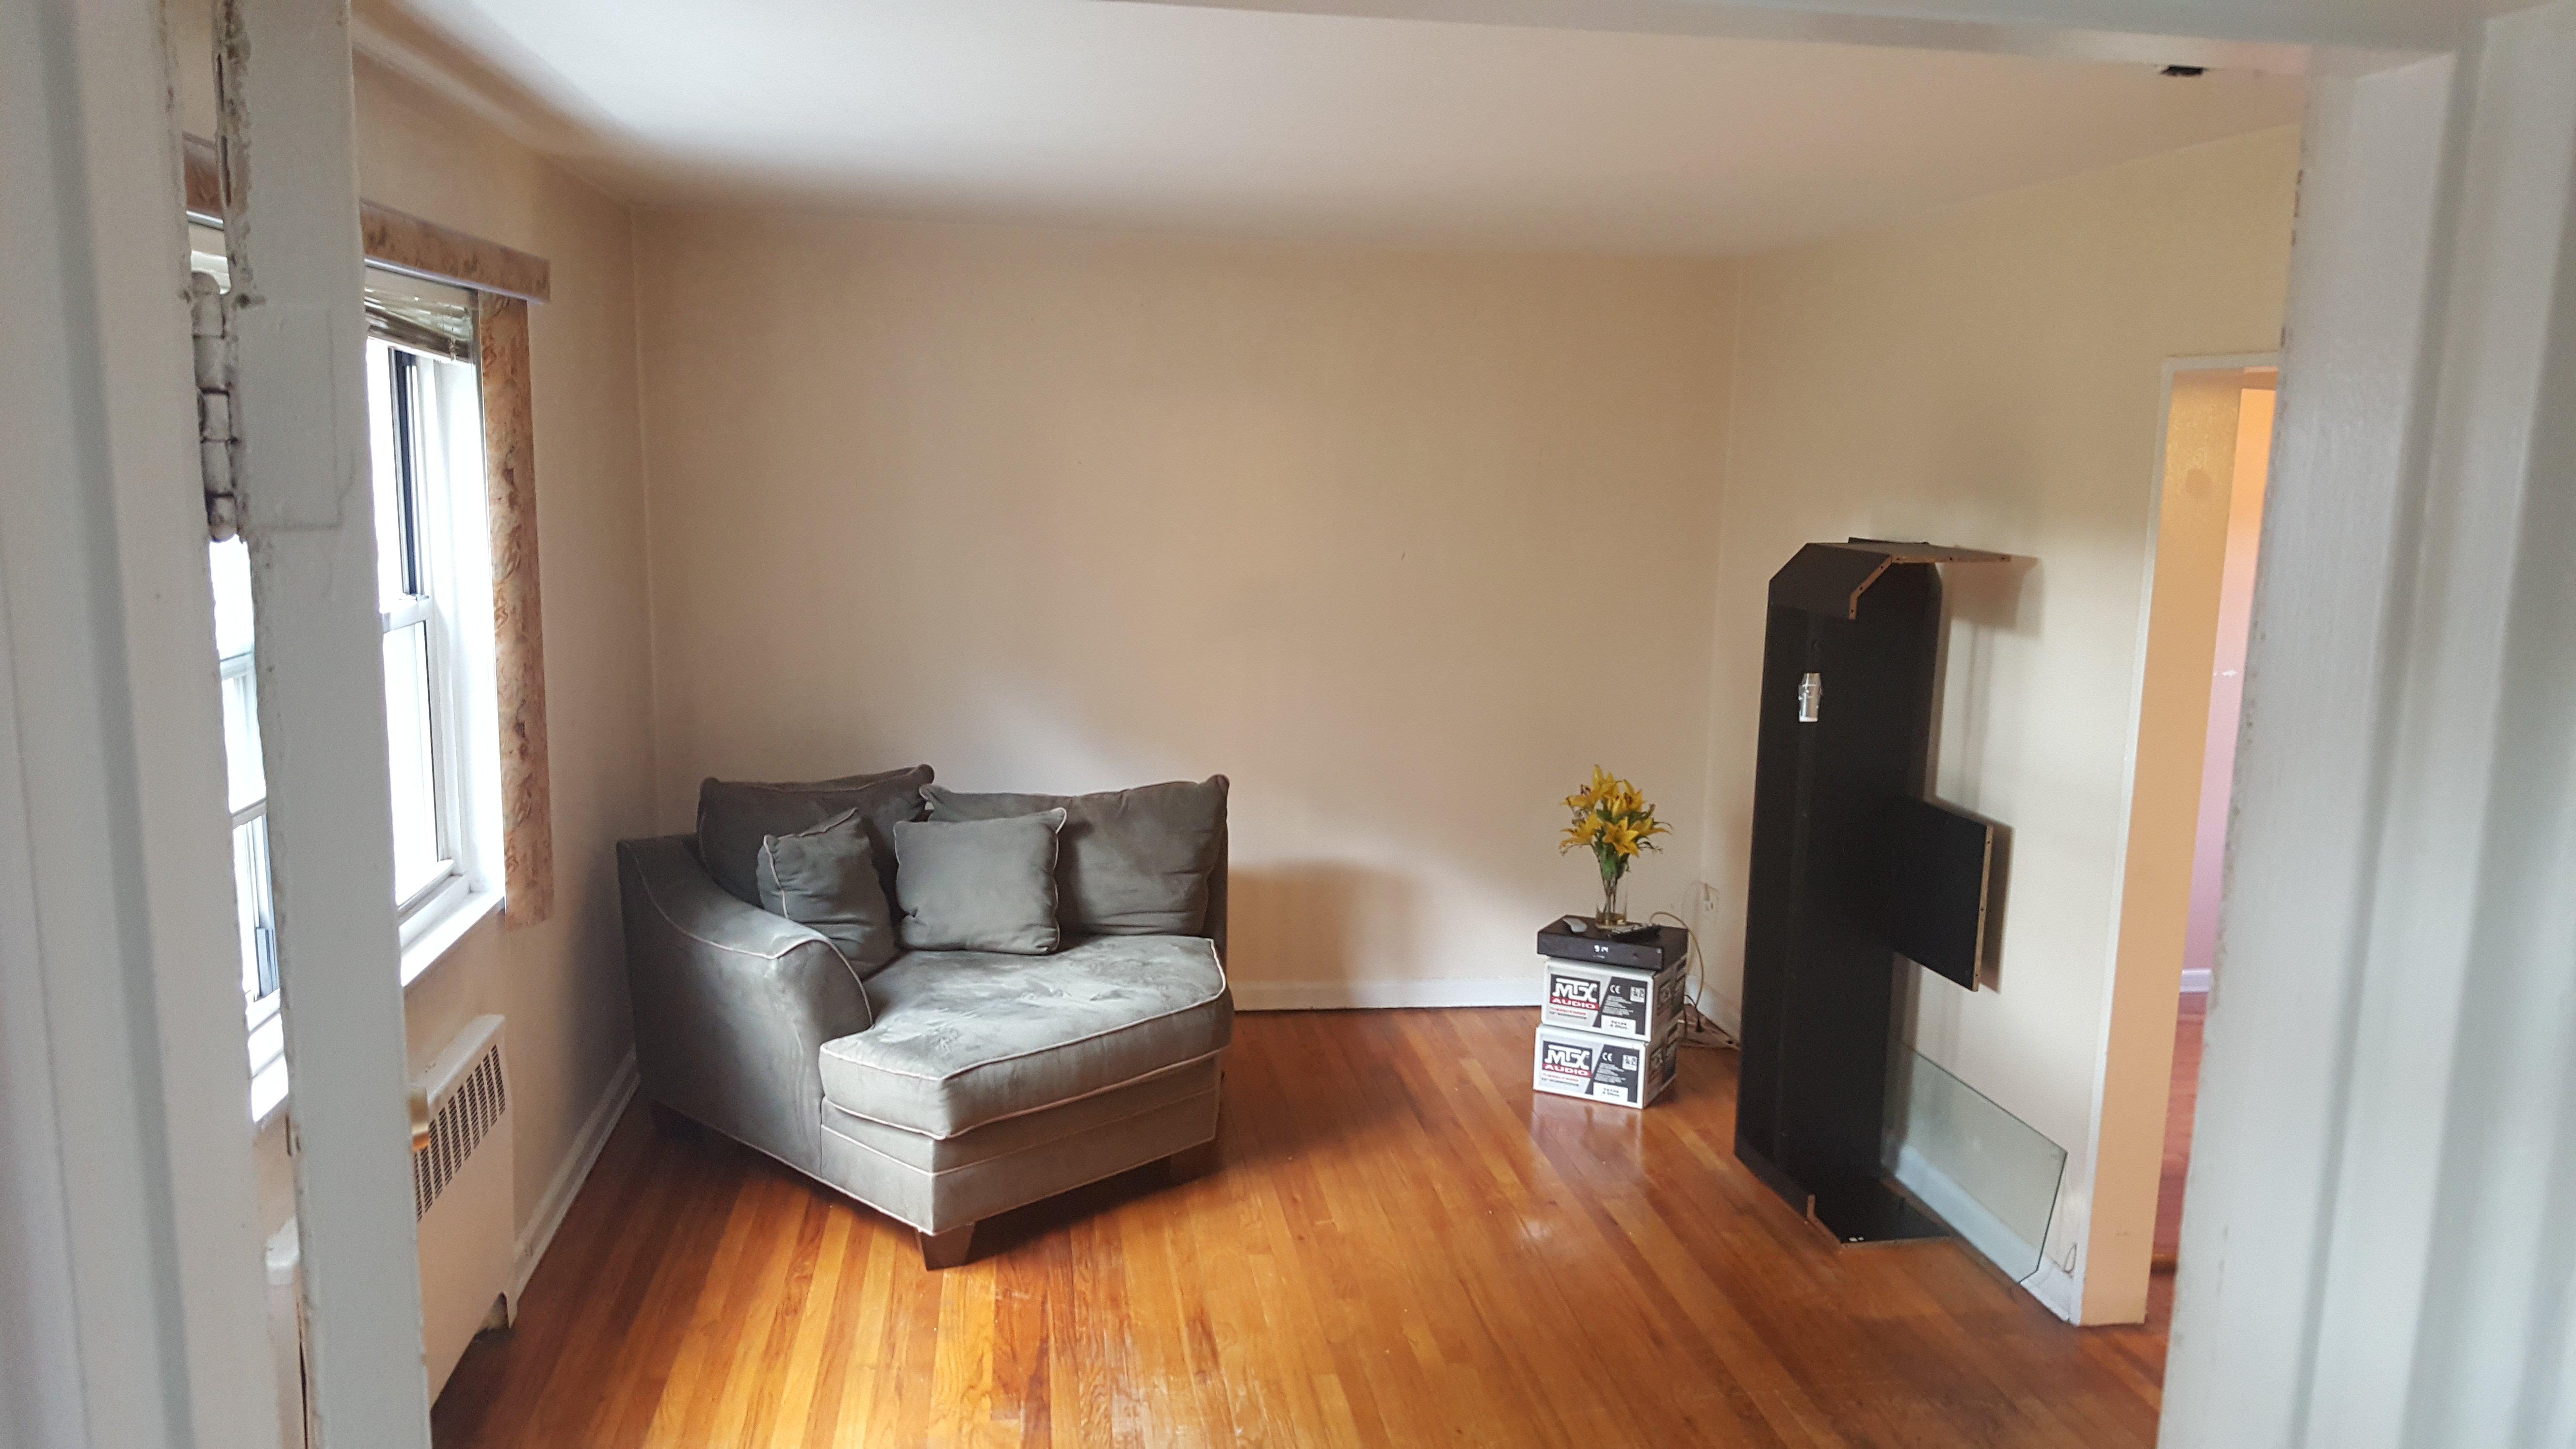 1 bedroom co op for rent in laurelton gardens d lucas realty 1 bedroom apartments for rent in rosedale queens